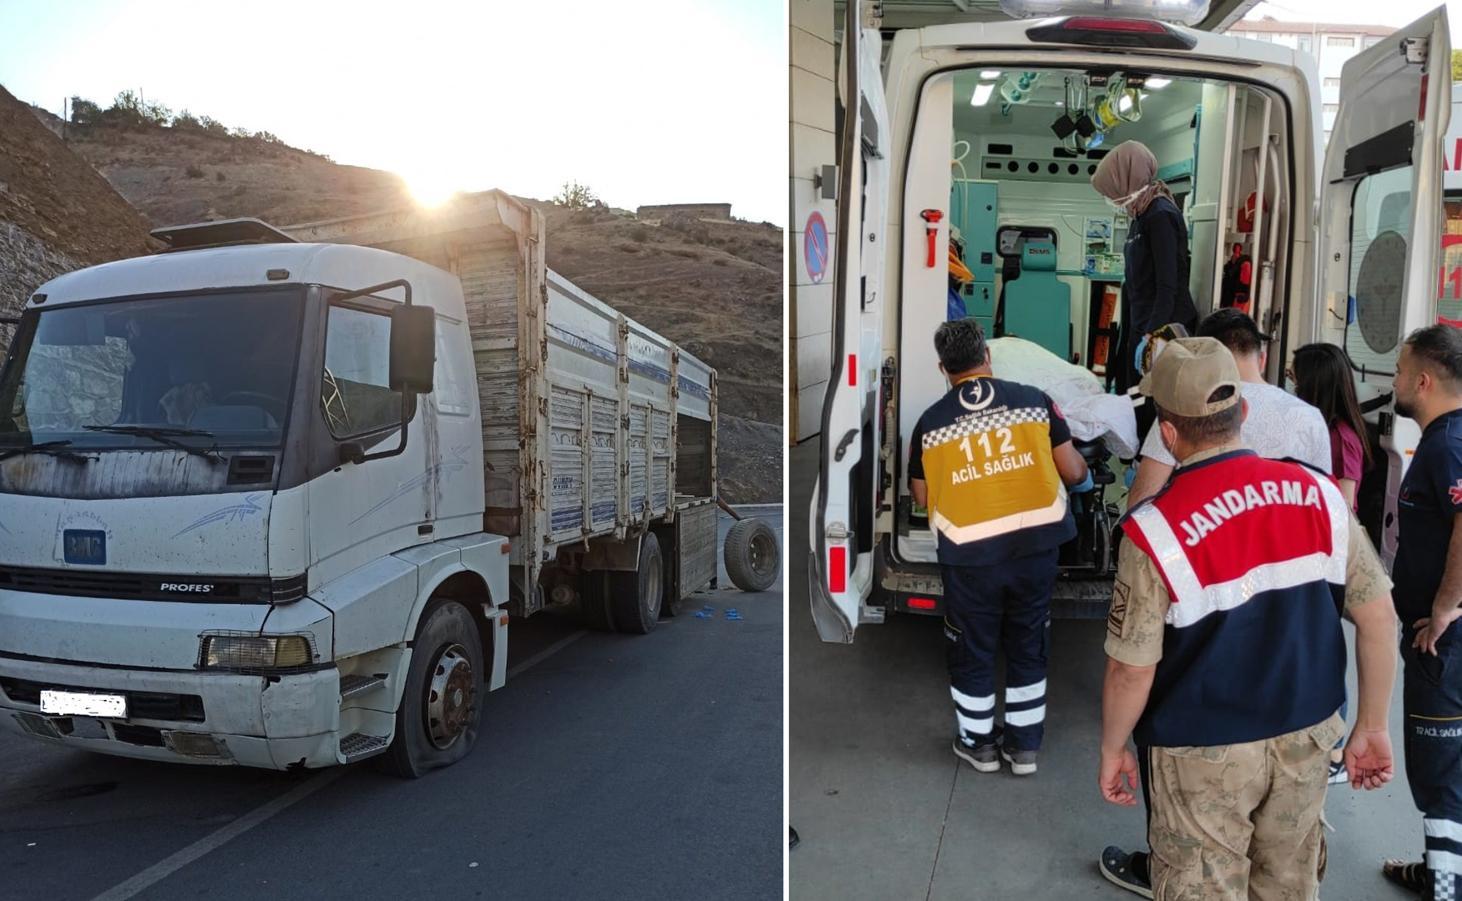 Siirt Valiliği: Göçmenlerin Olduğu Kamyondan Açılan Ateşe Karşılık Verildi, 2 Kişi Öldü, 12 Kişi Yaralandı